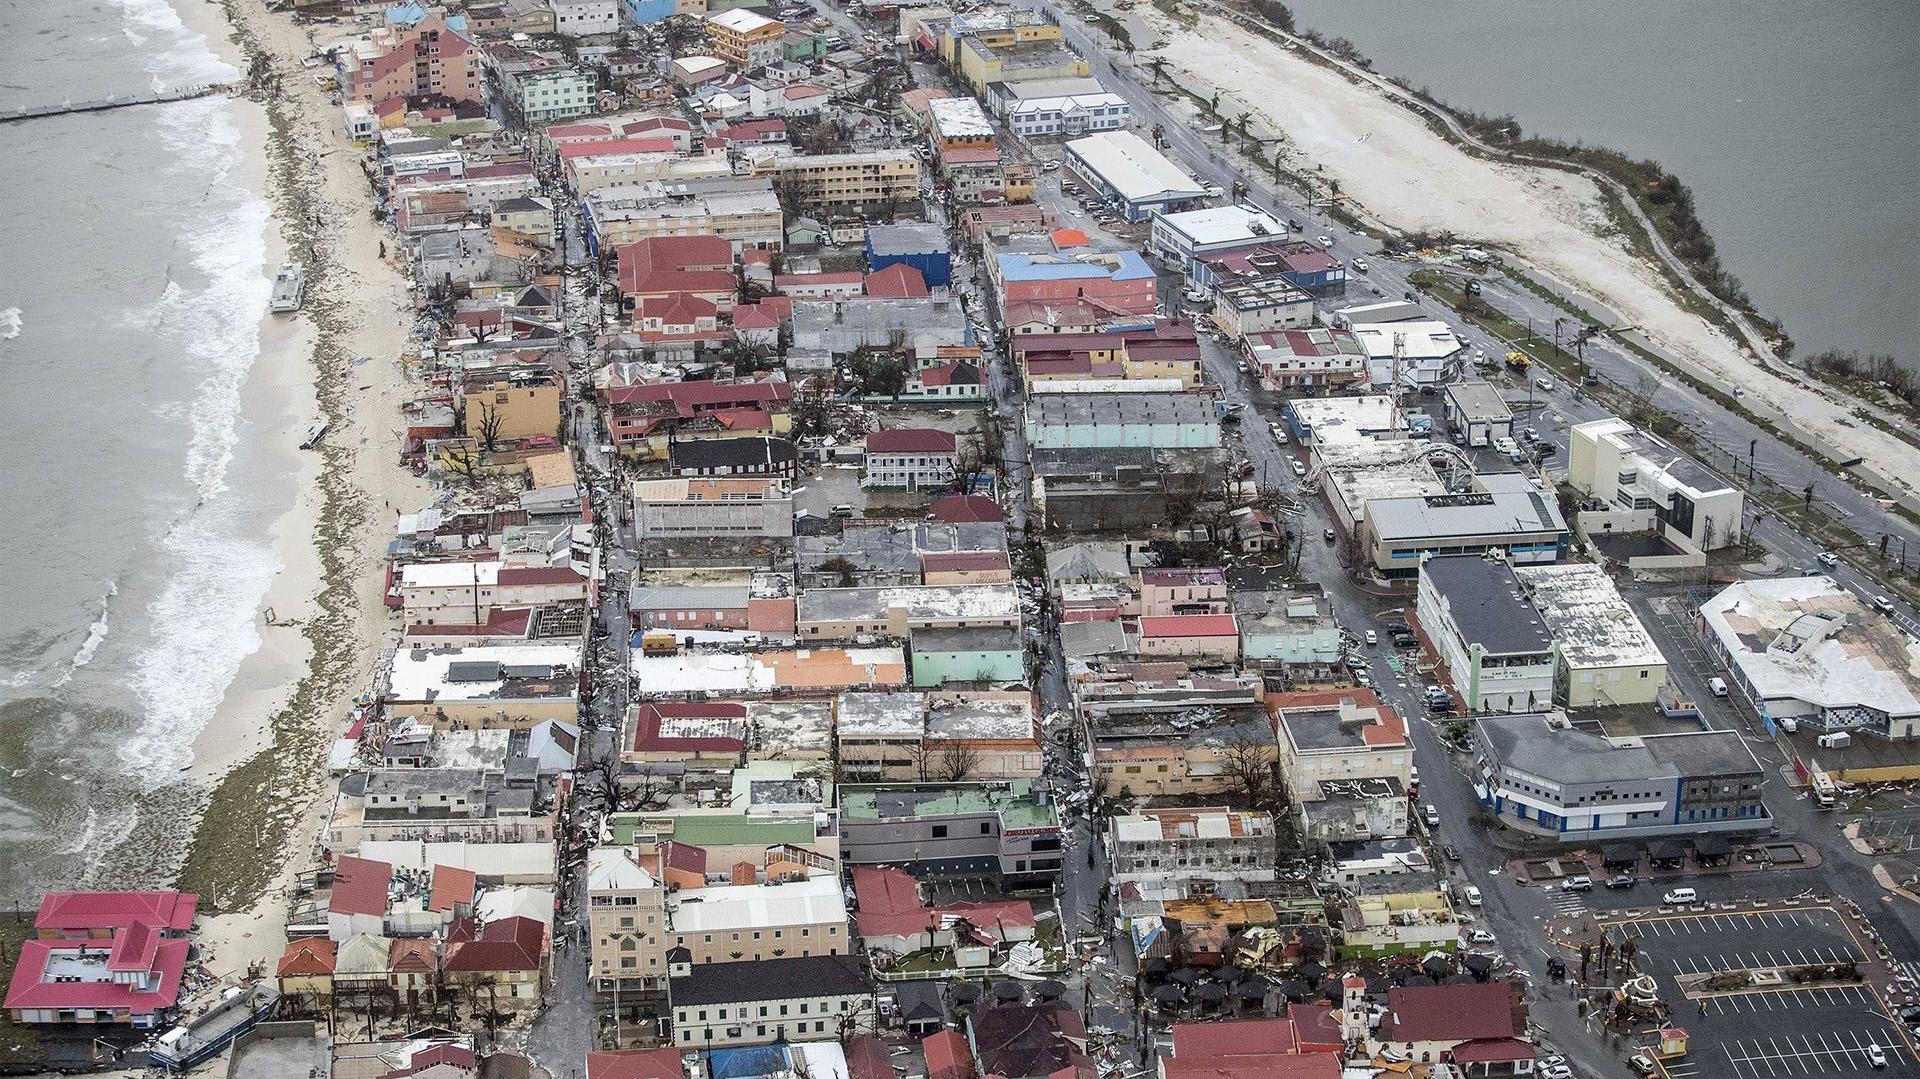 Fotografía facilitada por el Departamento de Defensa de Holanda que muestra una vista aérea de los daños causados por el huracán Irma a su paso por Philipsburg, en la isla de San Martin, ayer 6 de septiembre de 2017.(EFE)